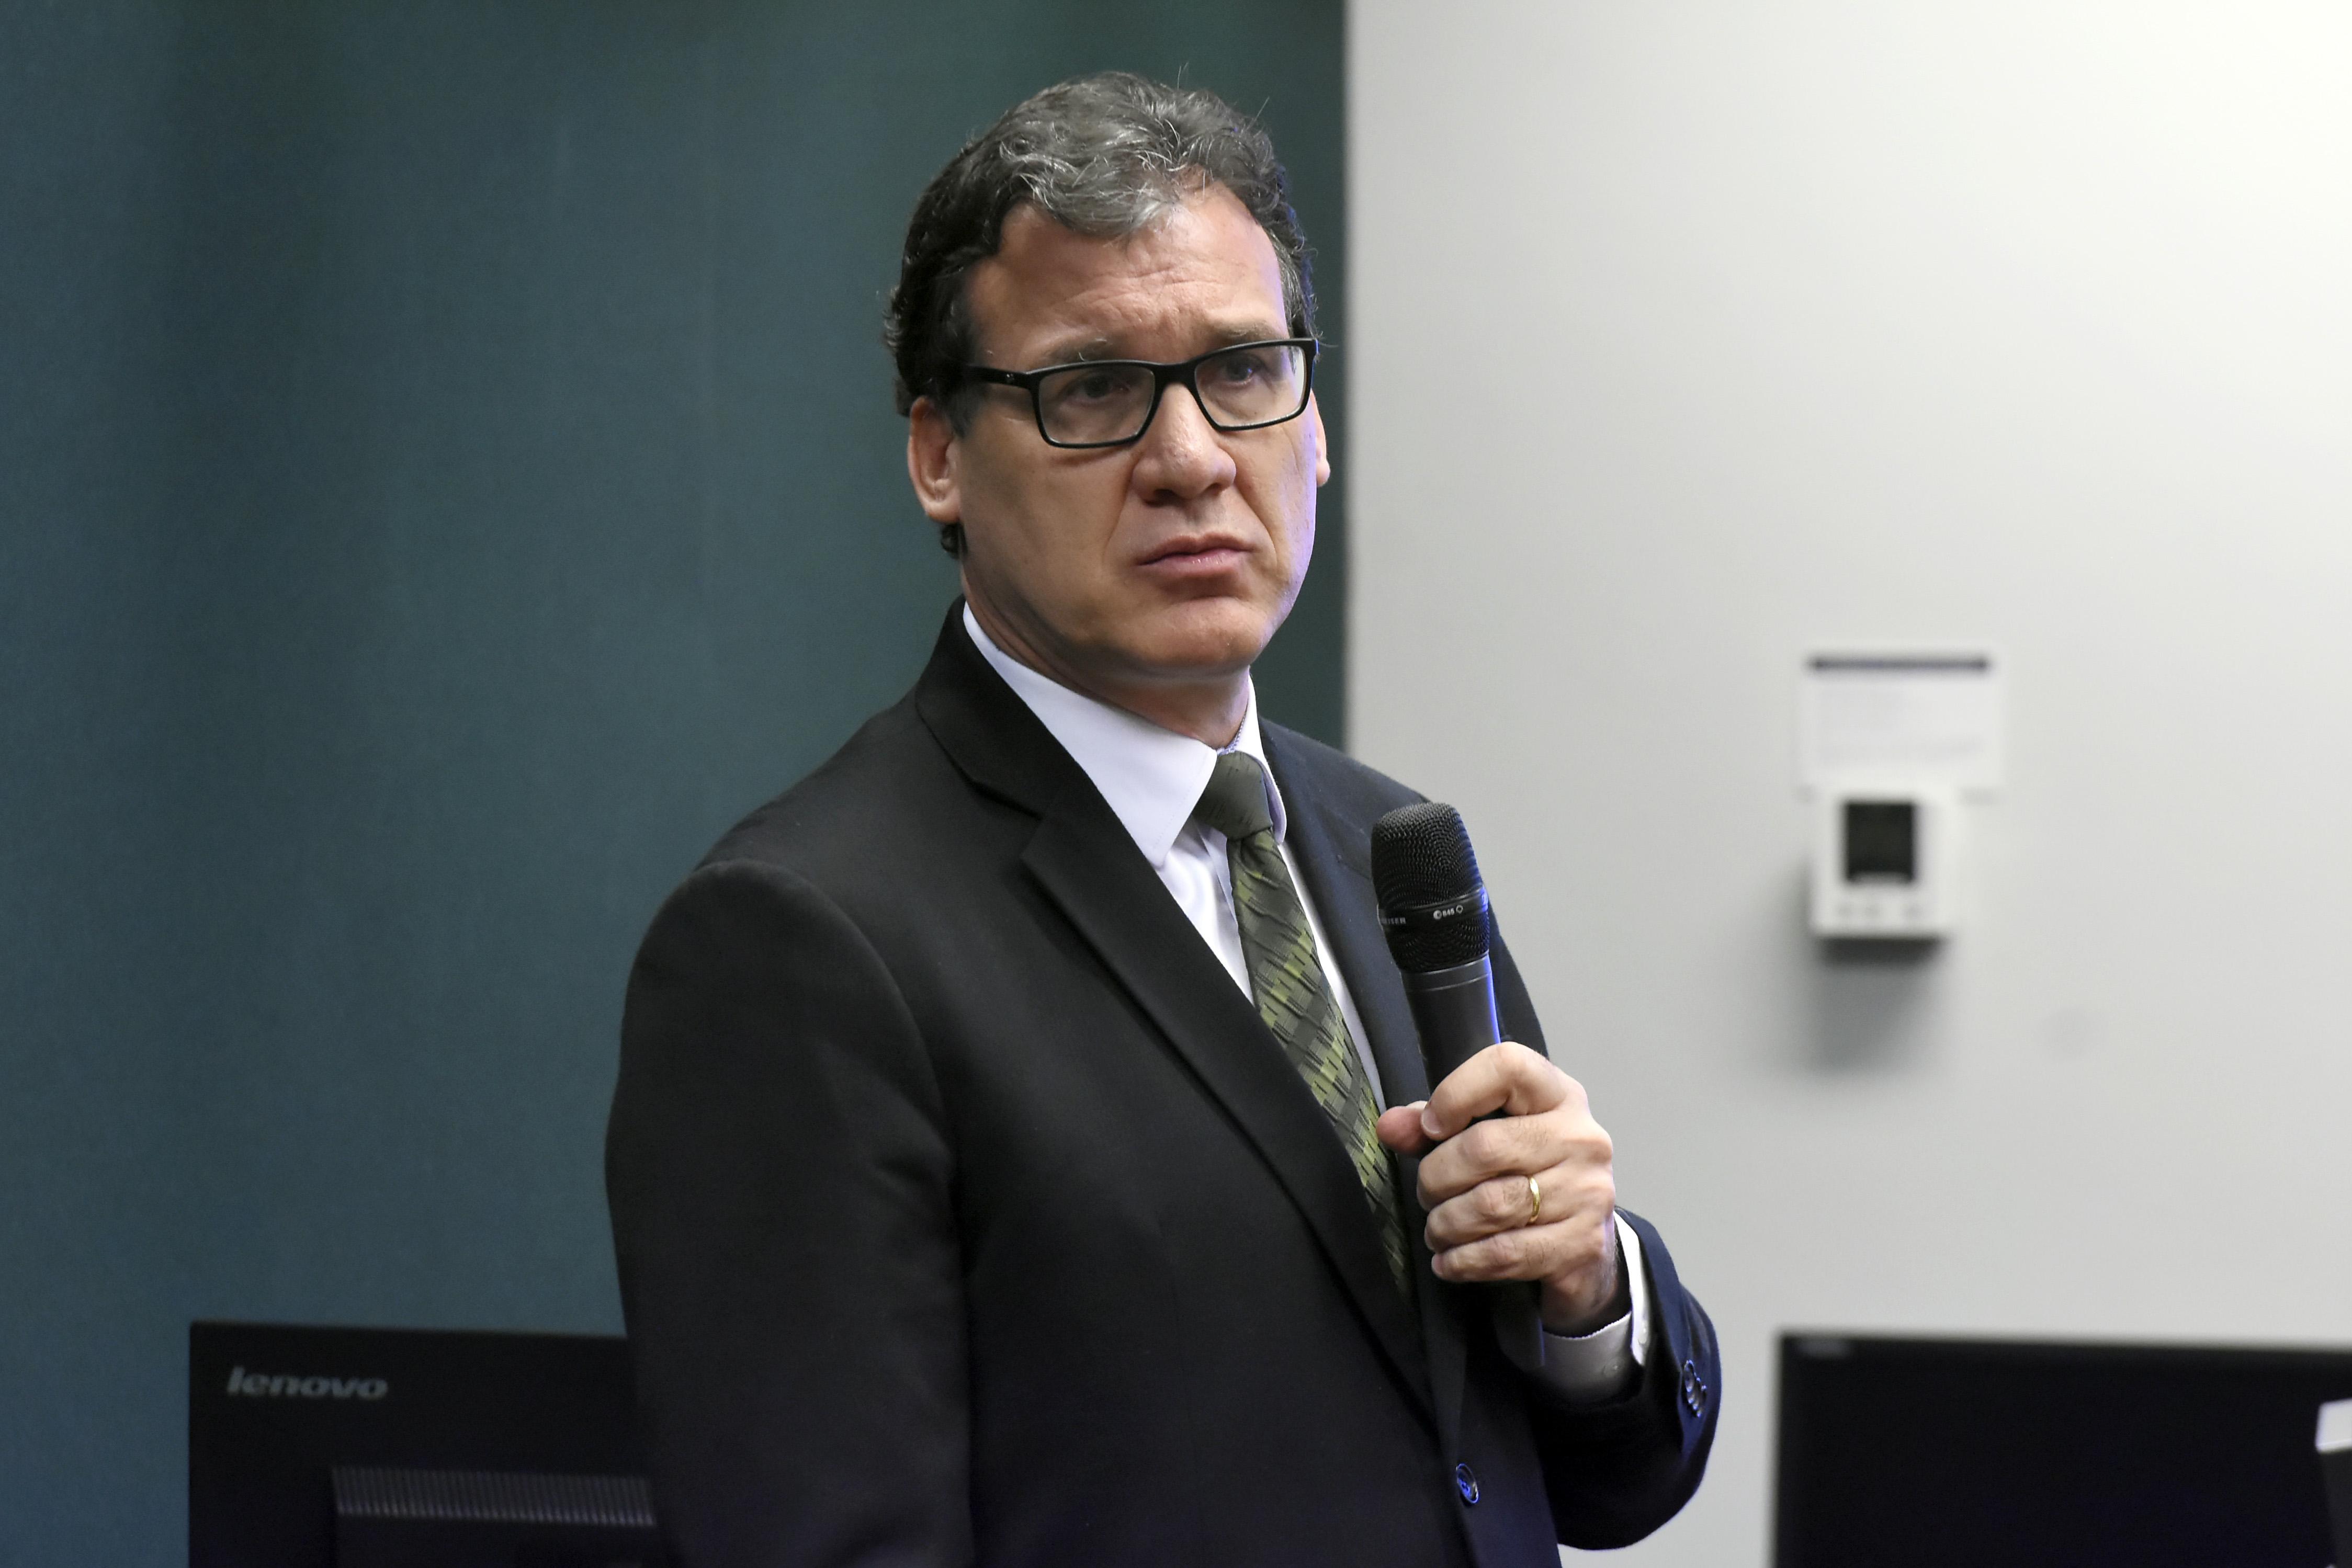 Audiência pública sobre o planejamento e preparações para aplicação do ENEM em 2019. Presidente Substituto do INEP, Camilo Mussi